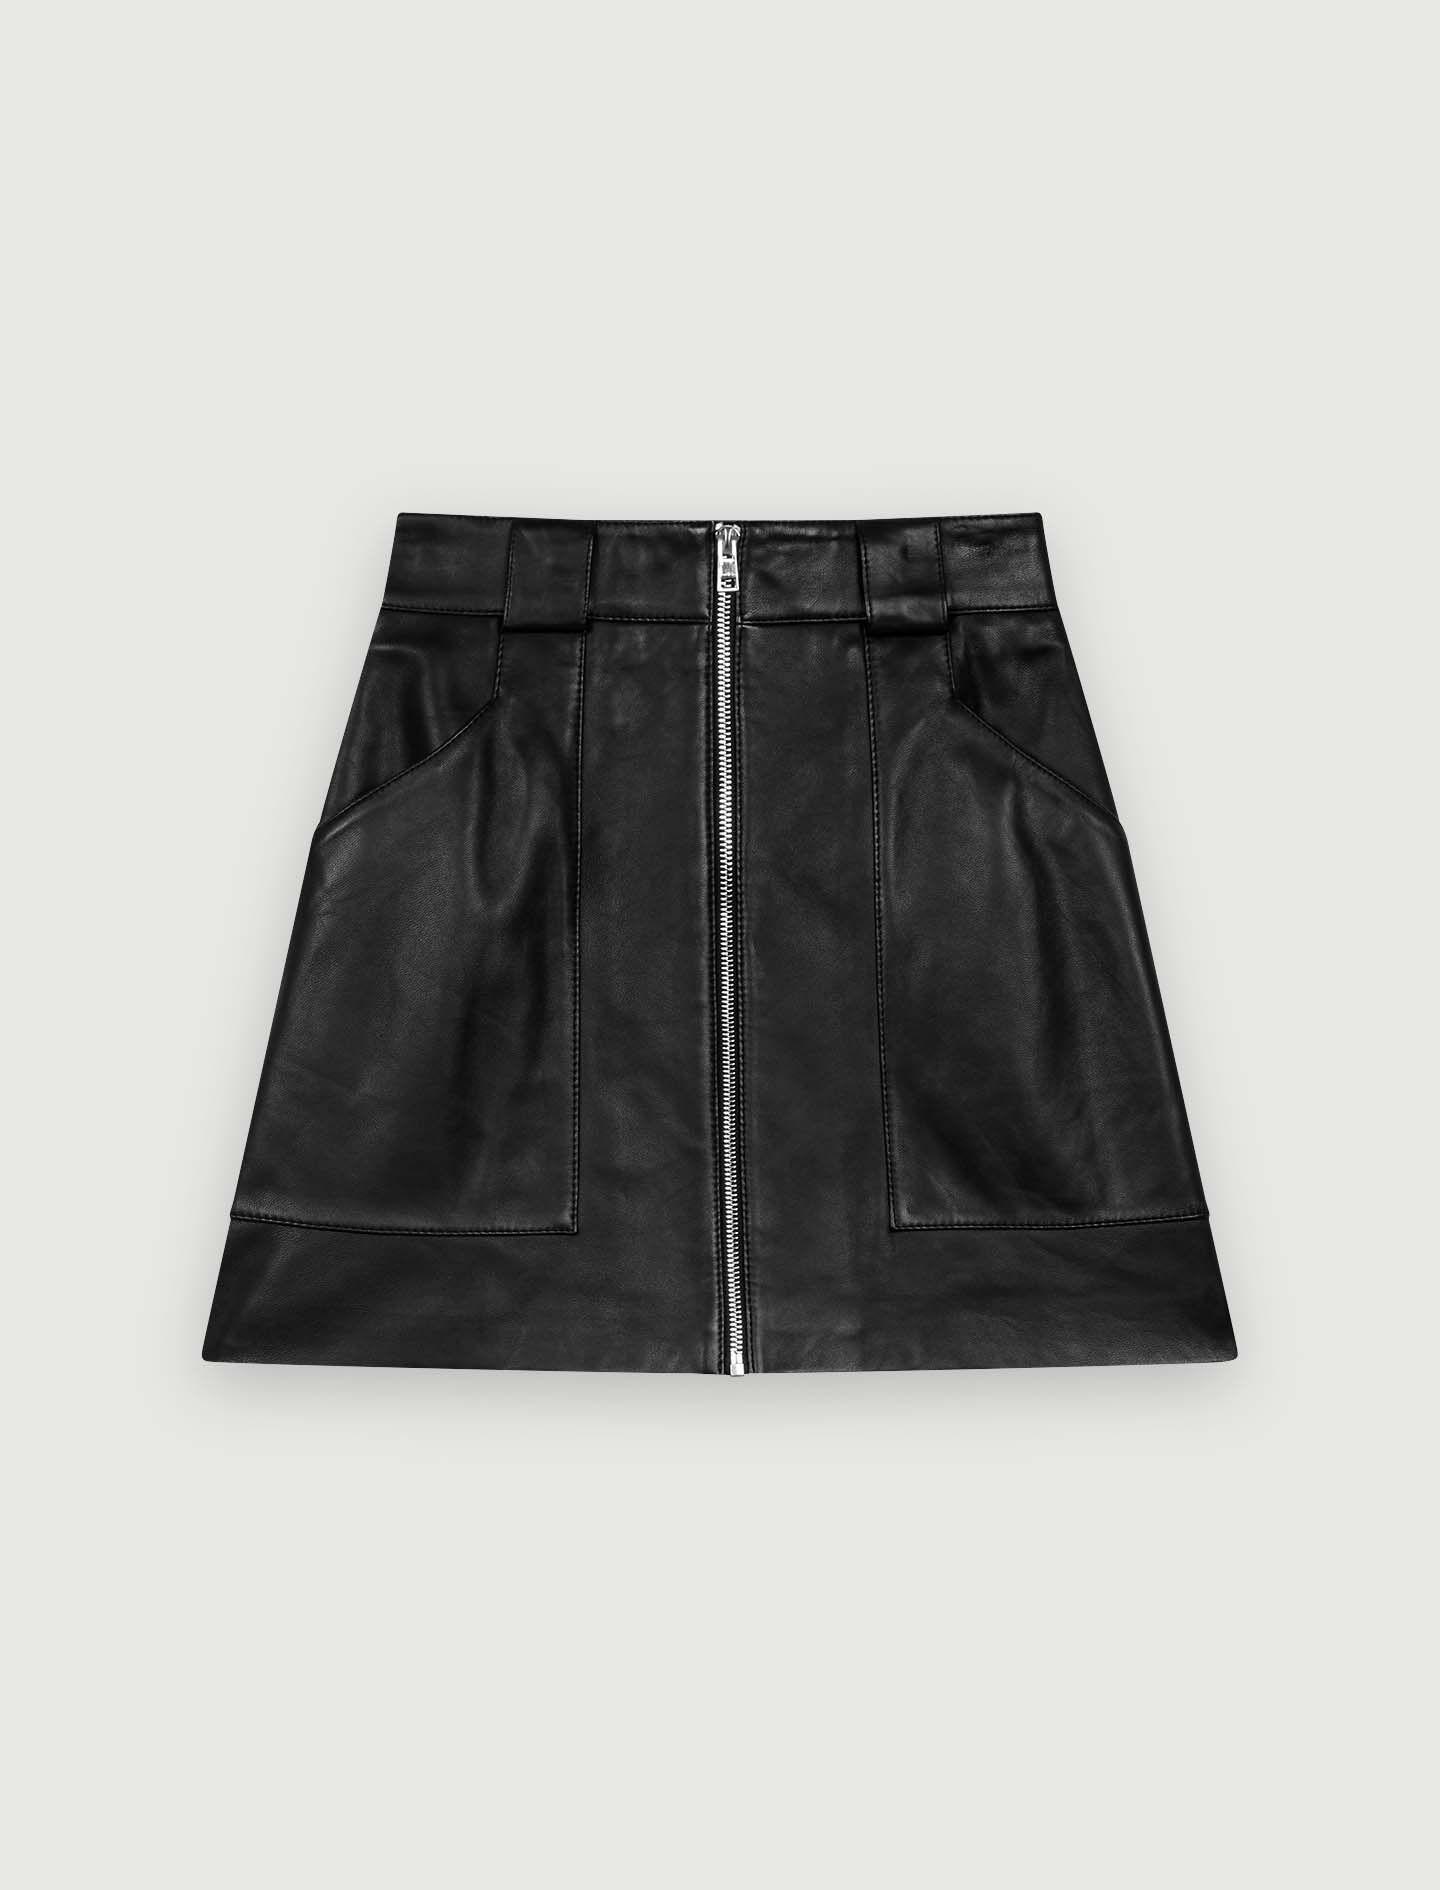 Maje Jupe en jean coton 34 (XS, T0)